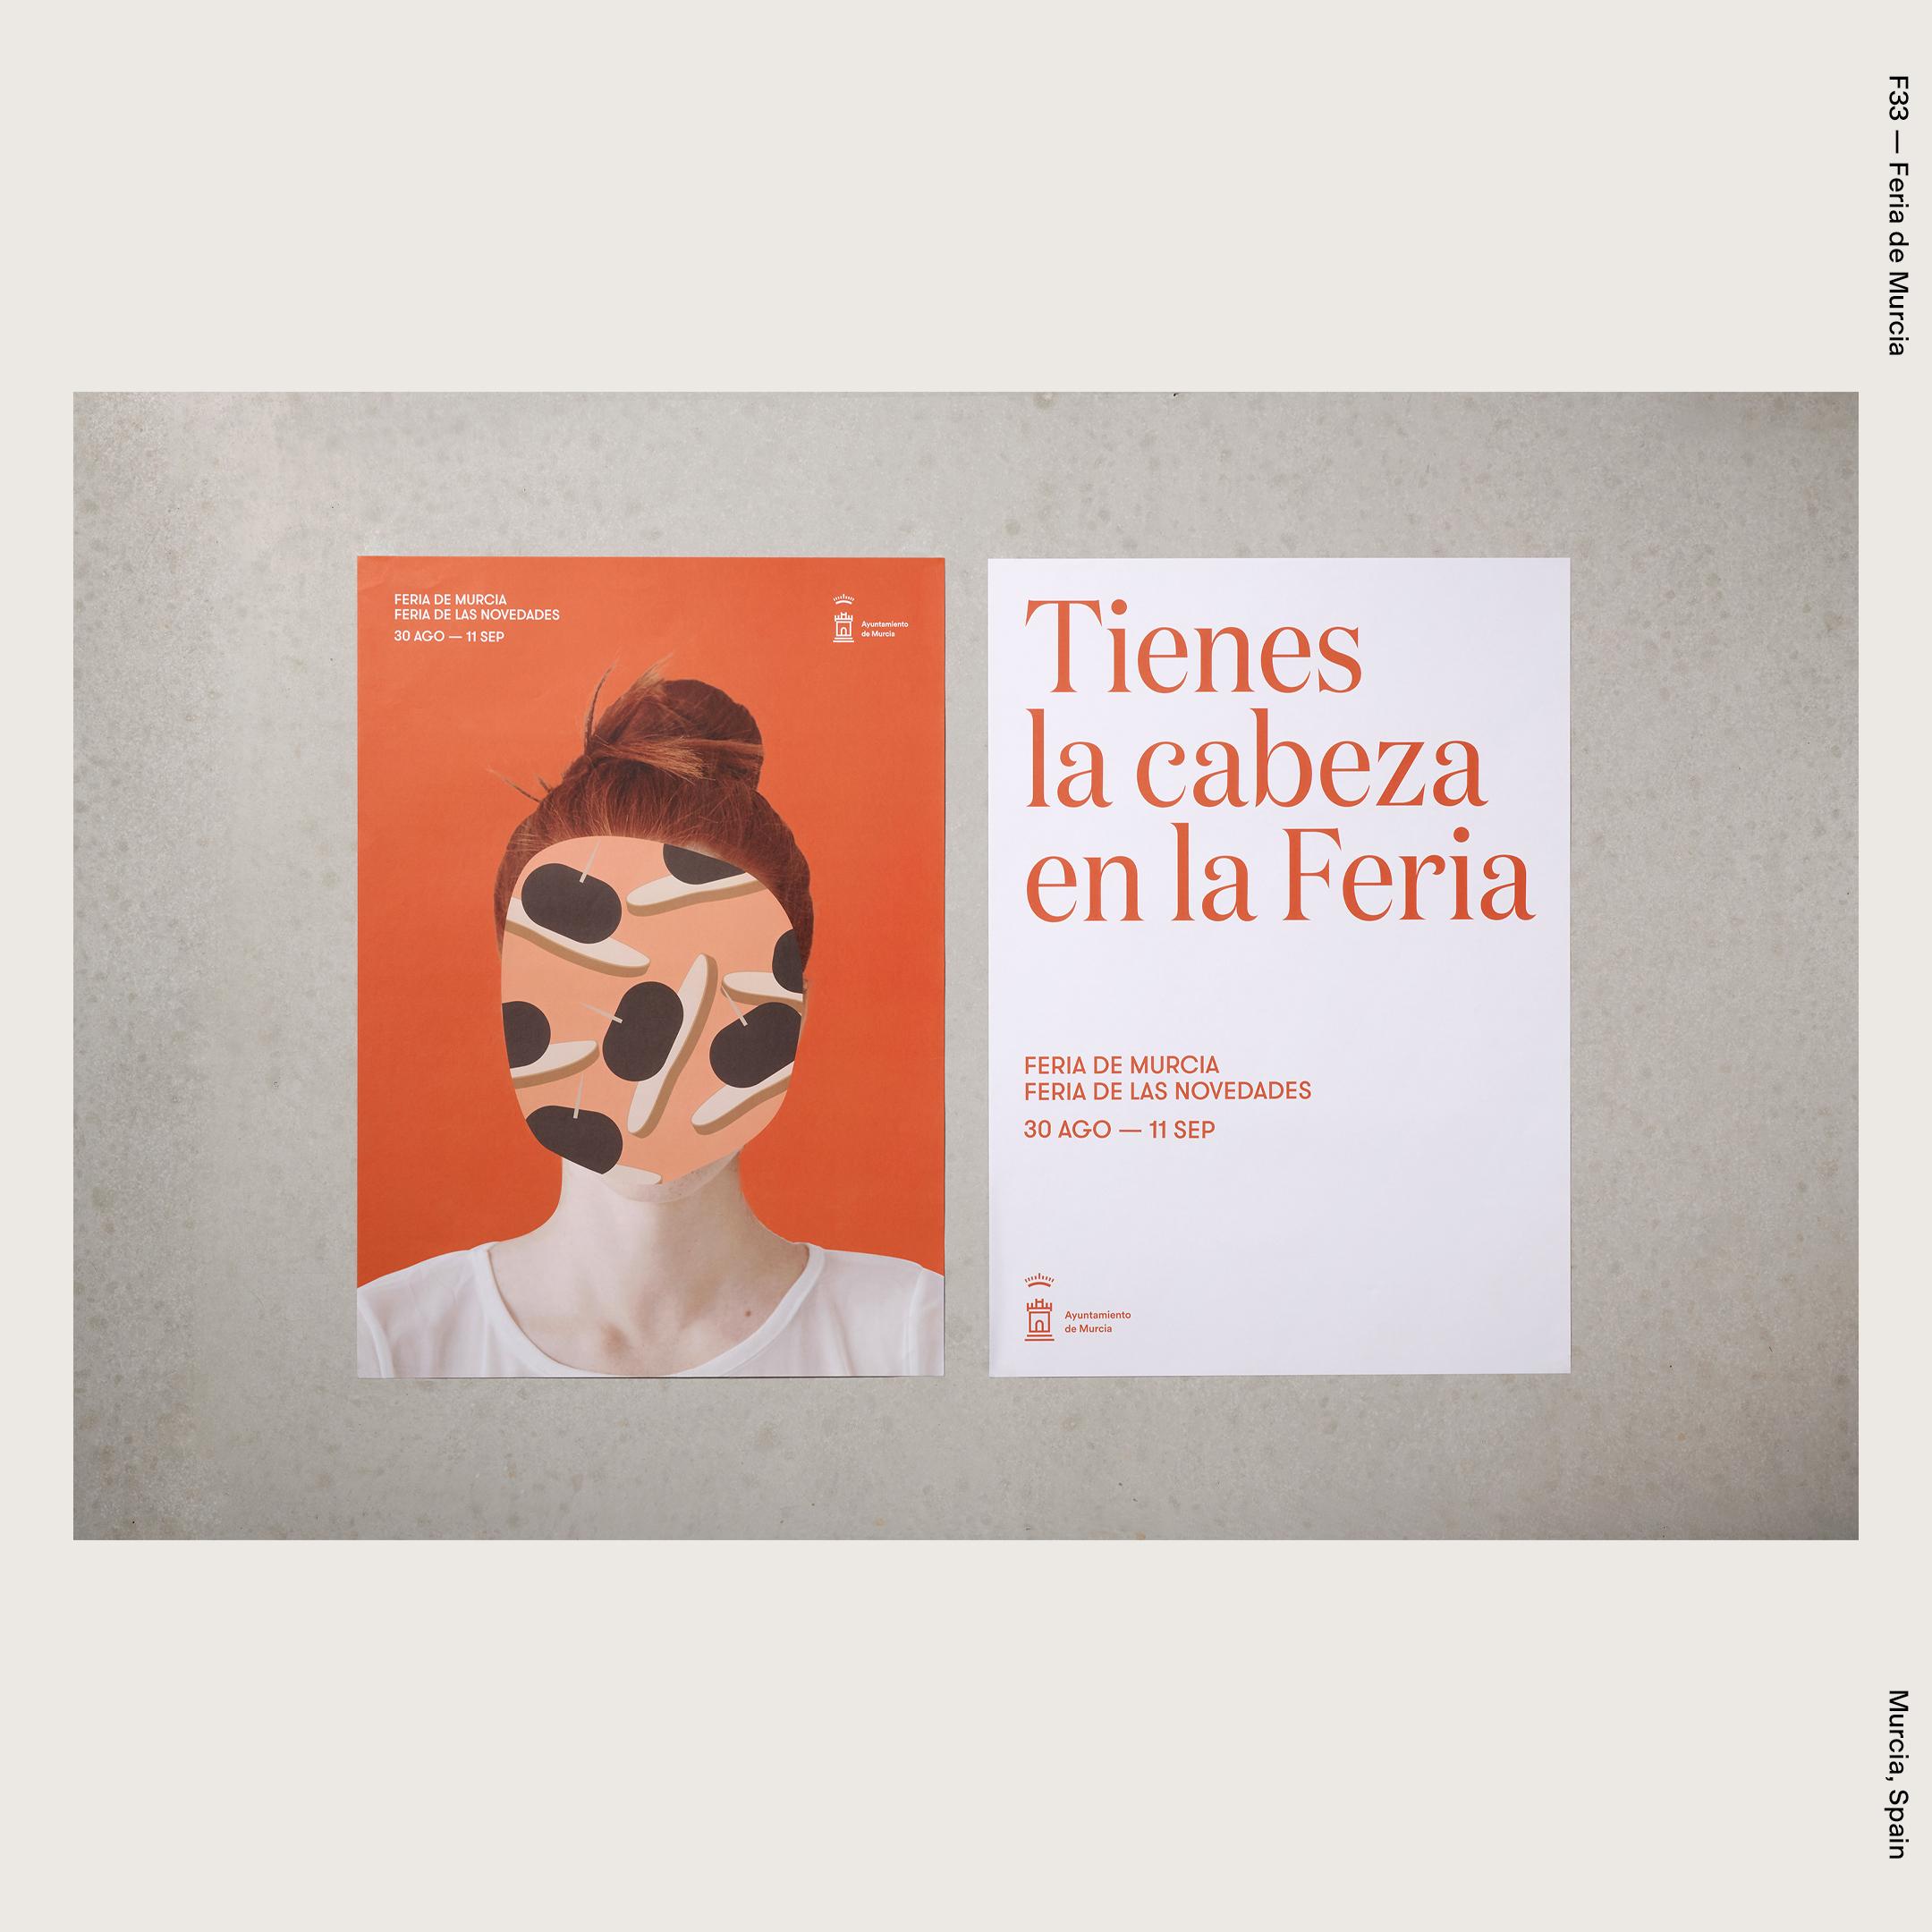 F33 — Feria de Murcia